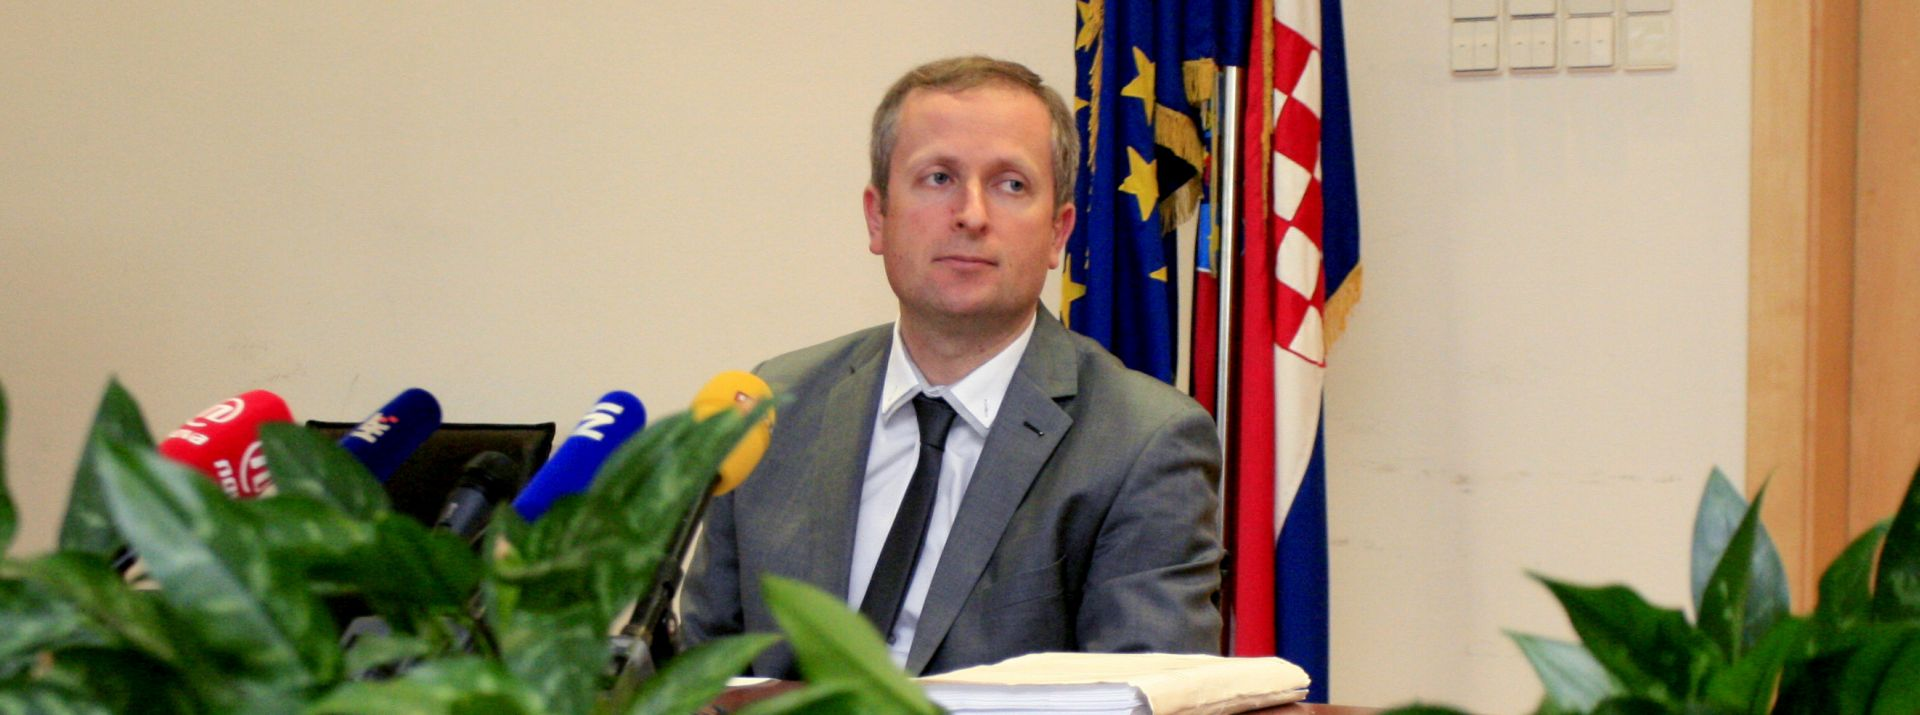 Šprlje pozvao institucije da istraže poslovanje Hypo grupacije u Hrvatskoj